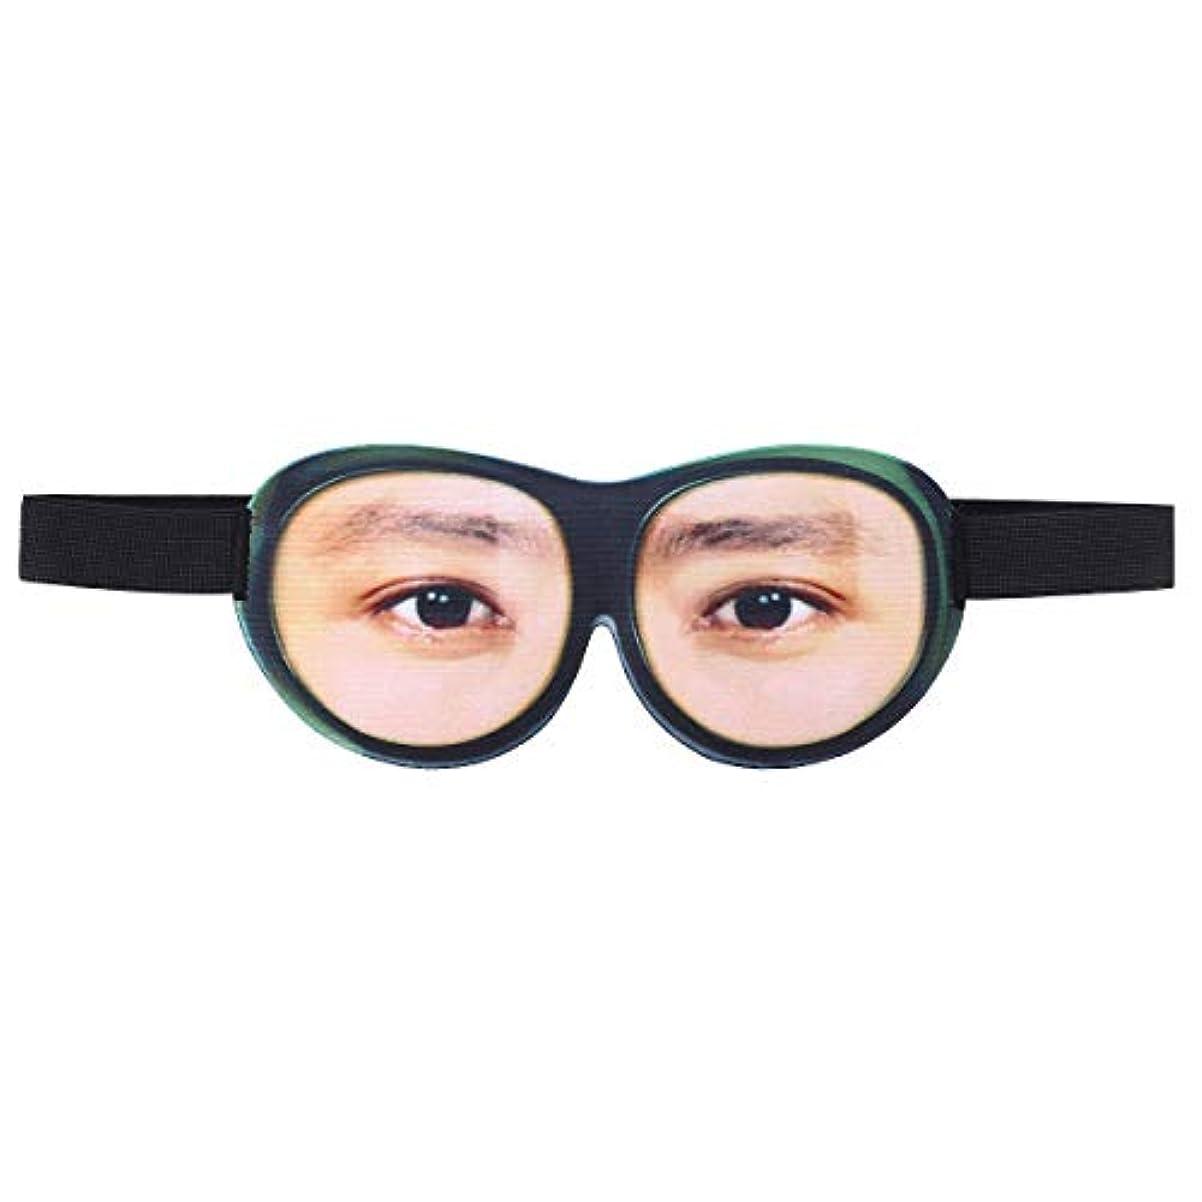 ガム青キルトSUPVOX 男性と女性のための3D面白い睡眠マスク通気性目隠しアイマスク旅行睡眠マスク